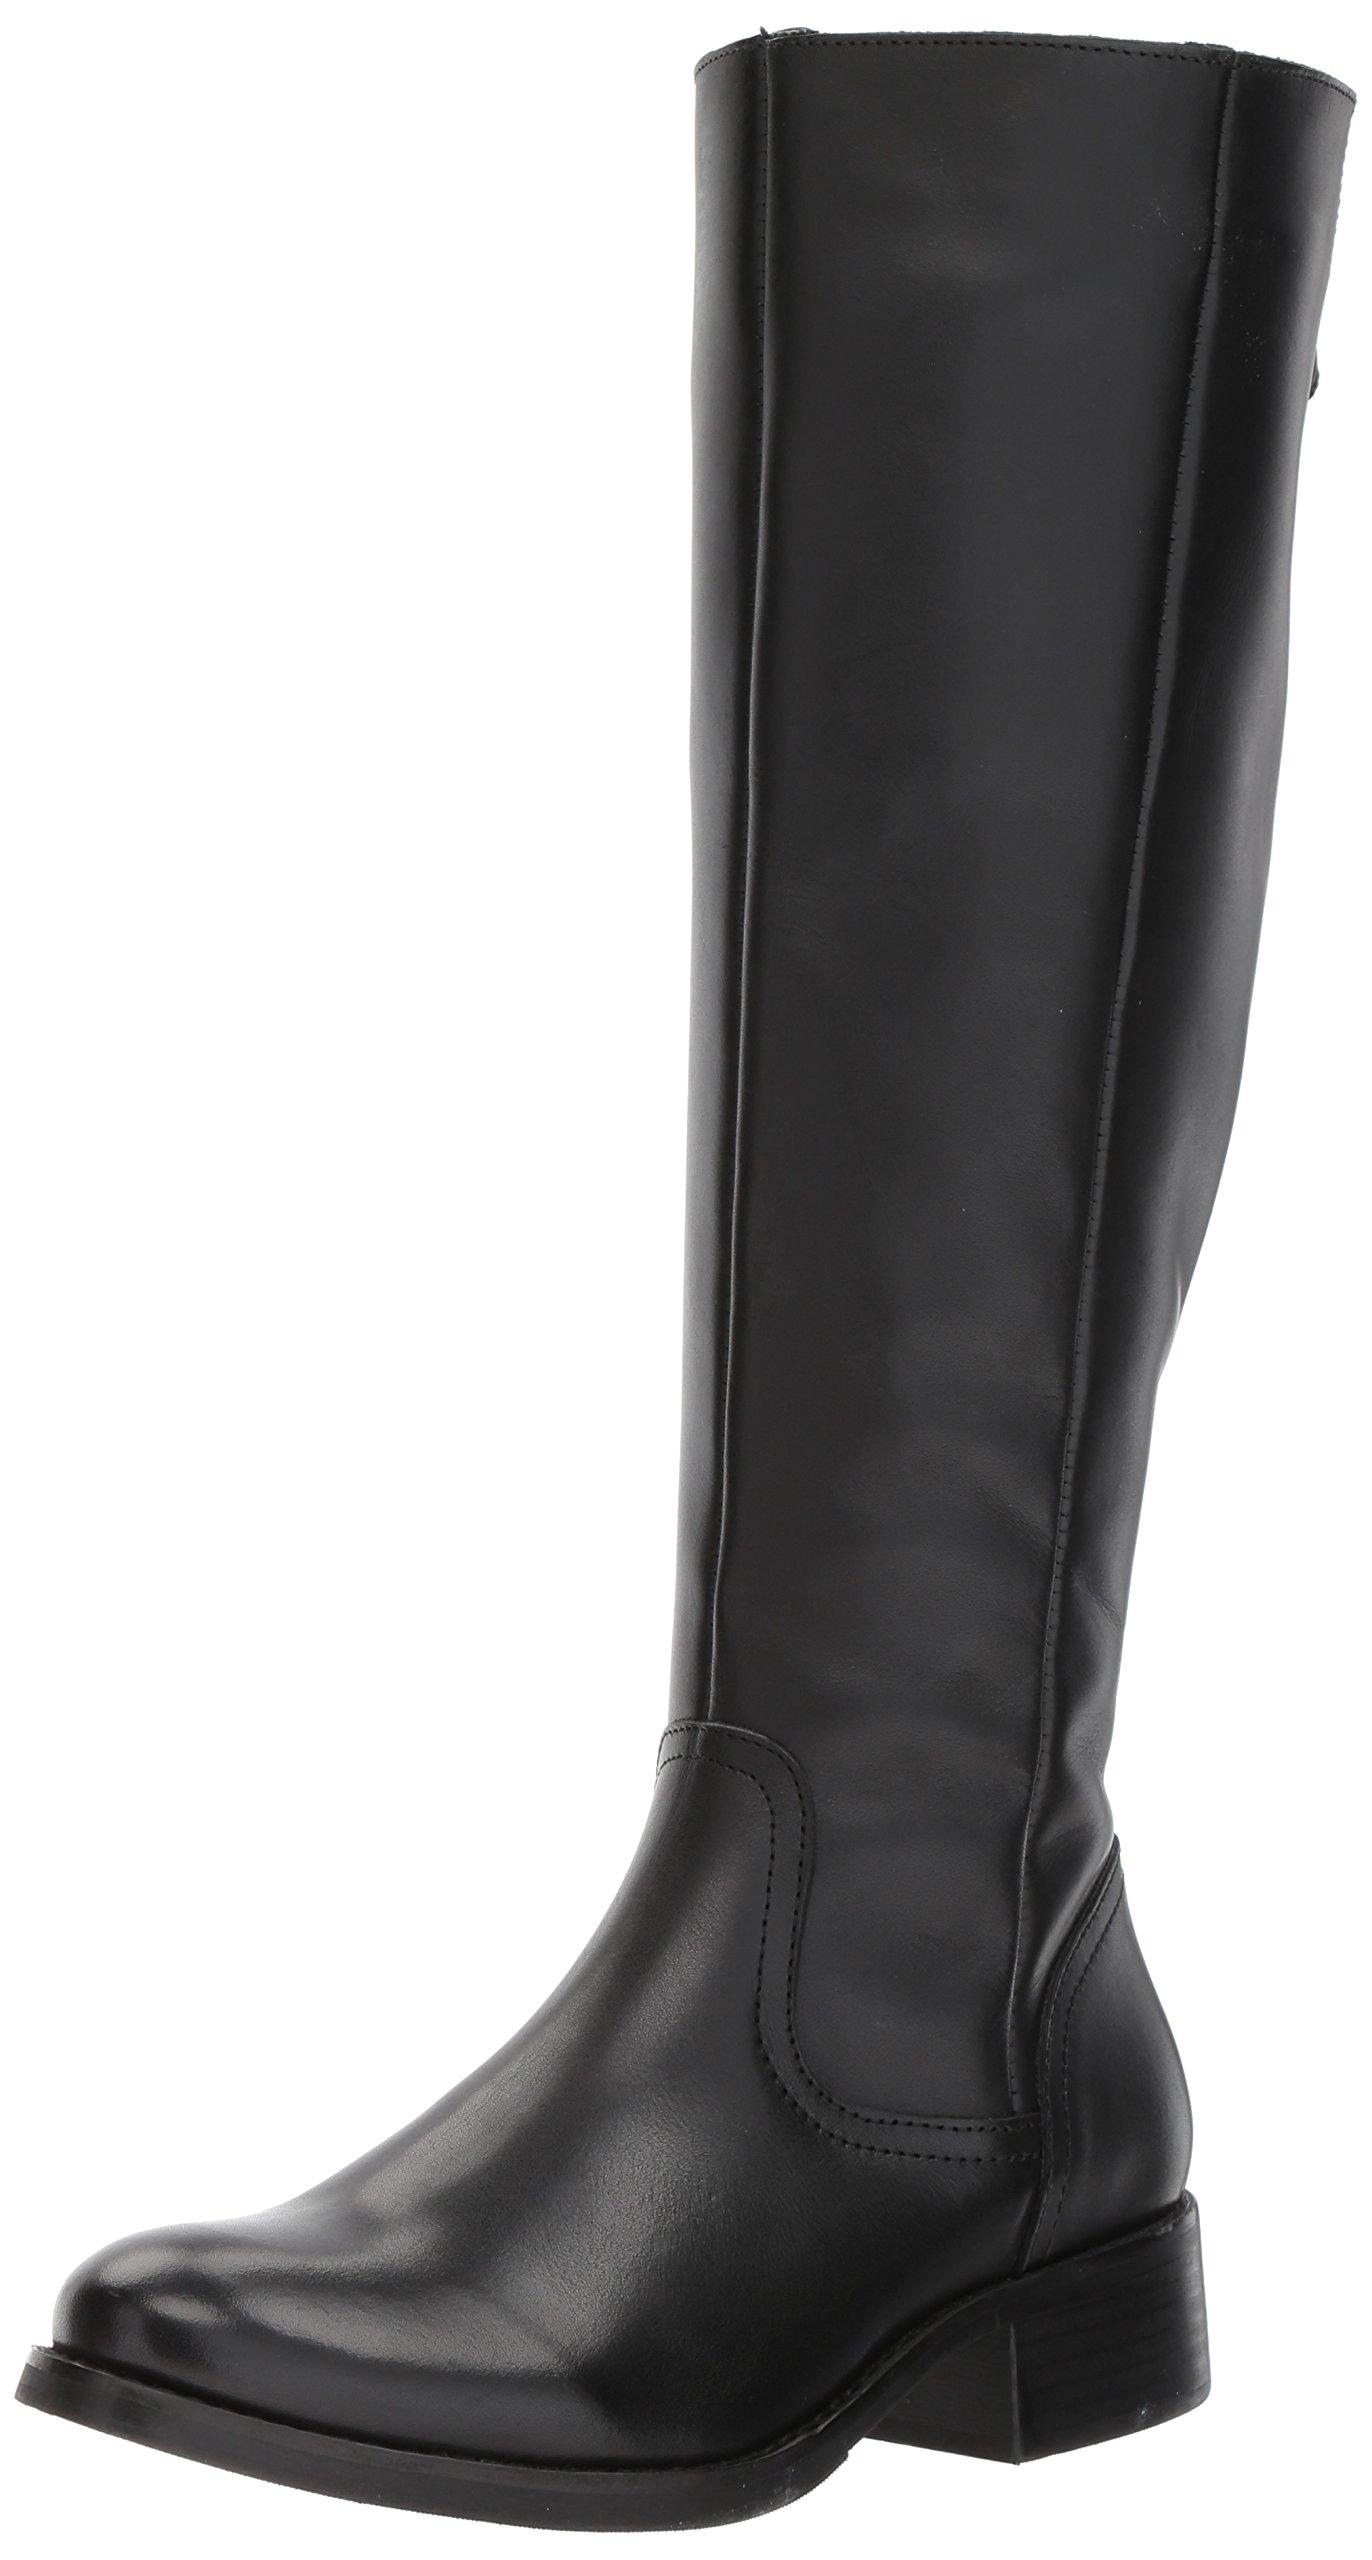 Steve Madden Women's Lover Western Boot, Black Leather, 8.5 M US